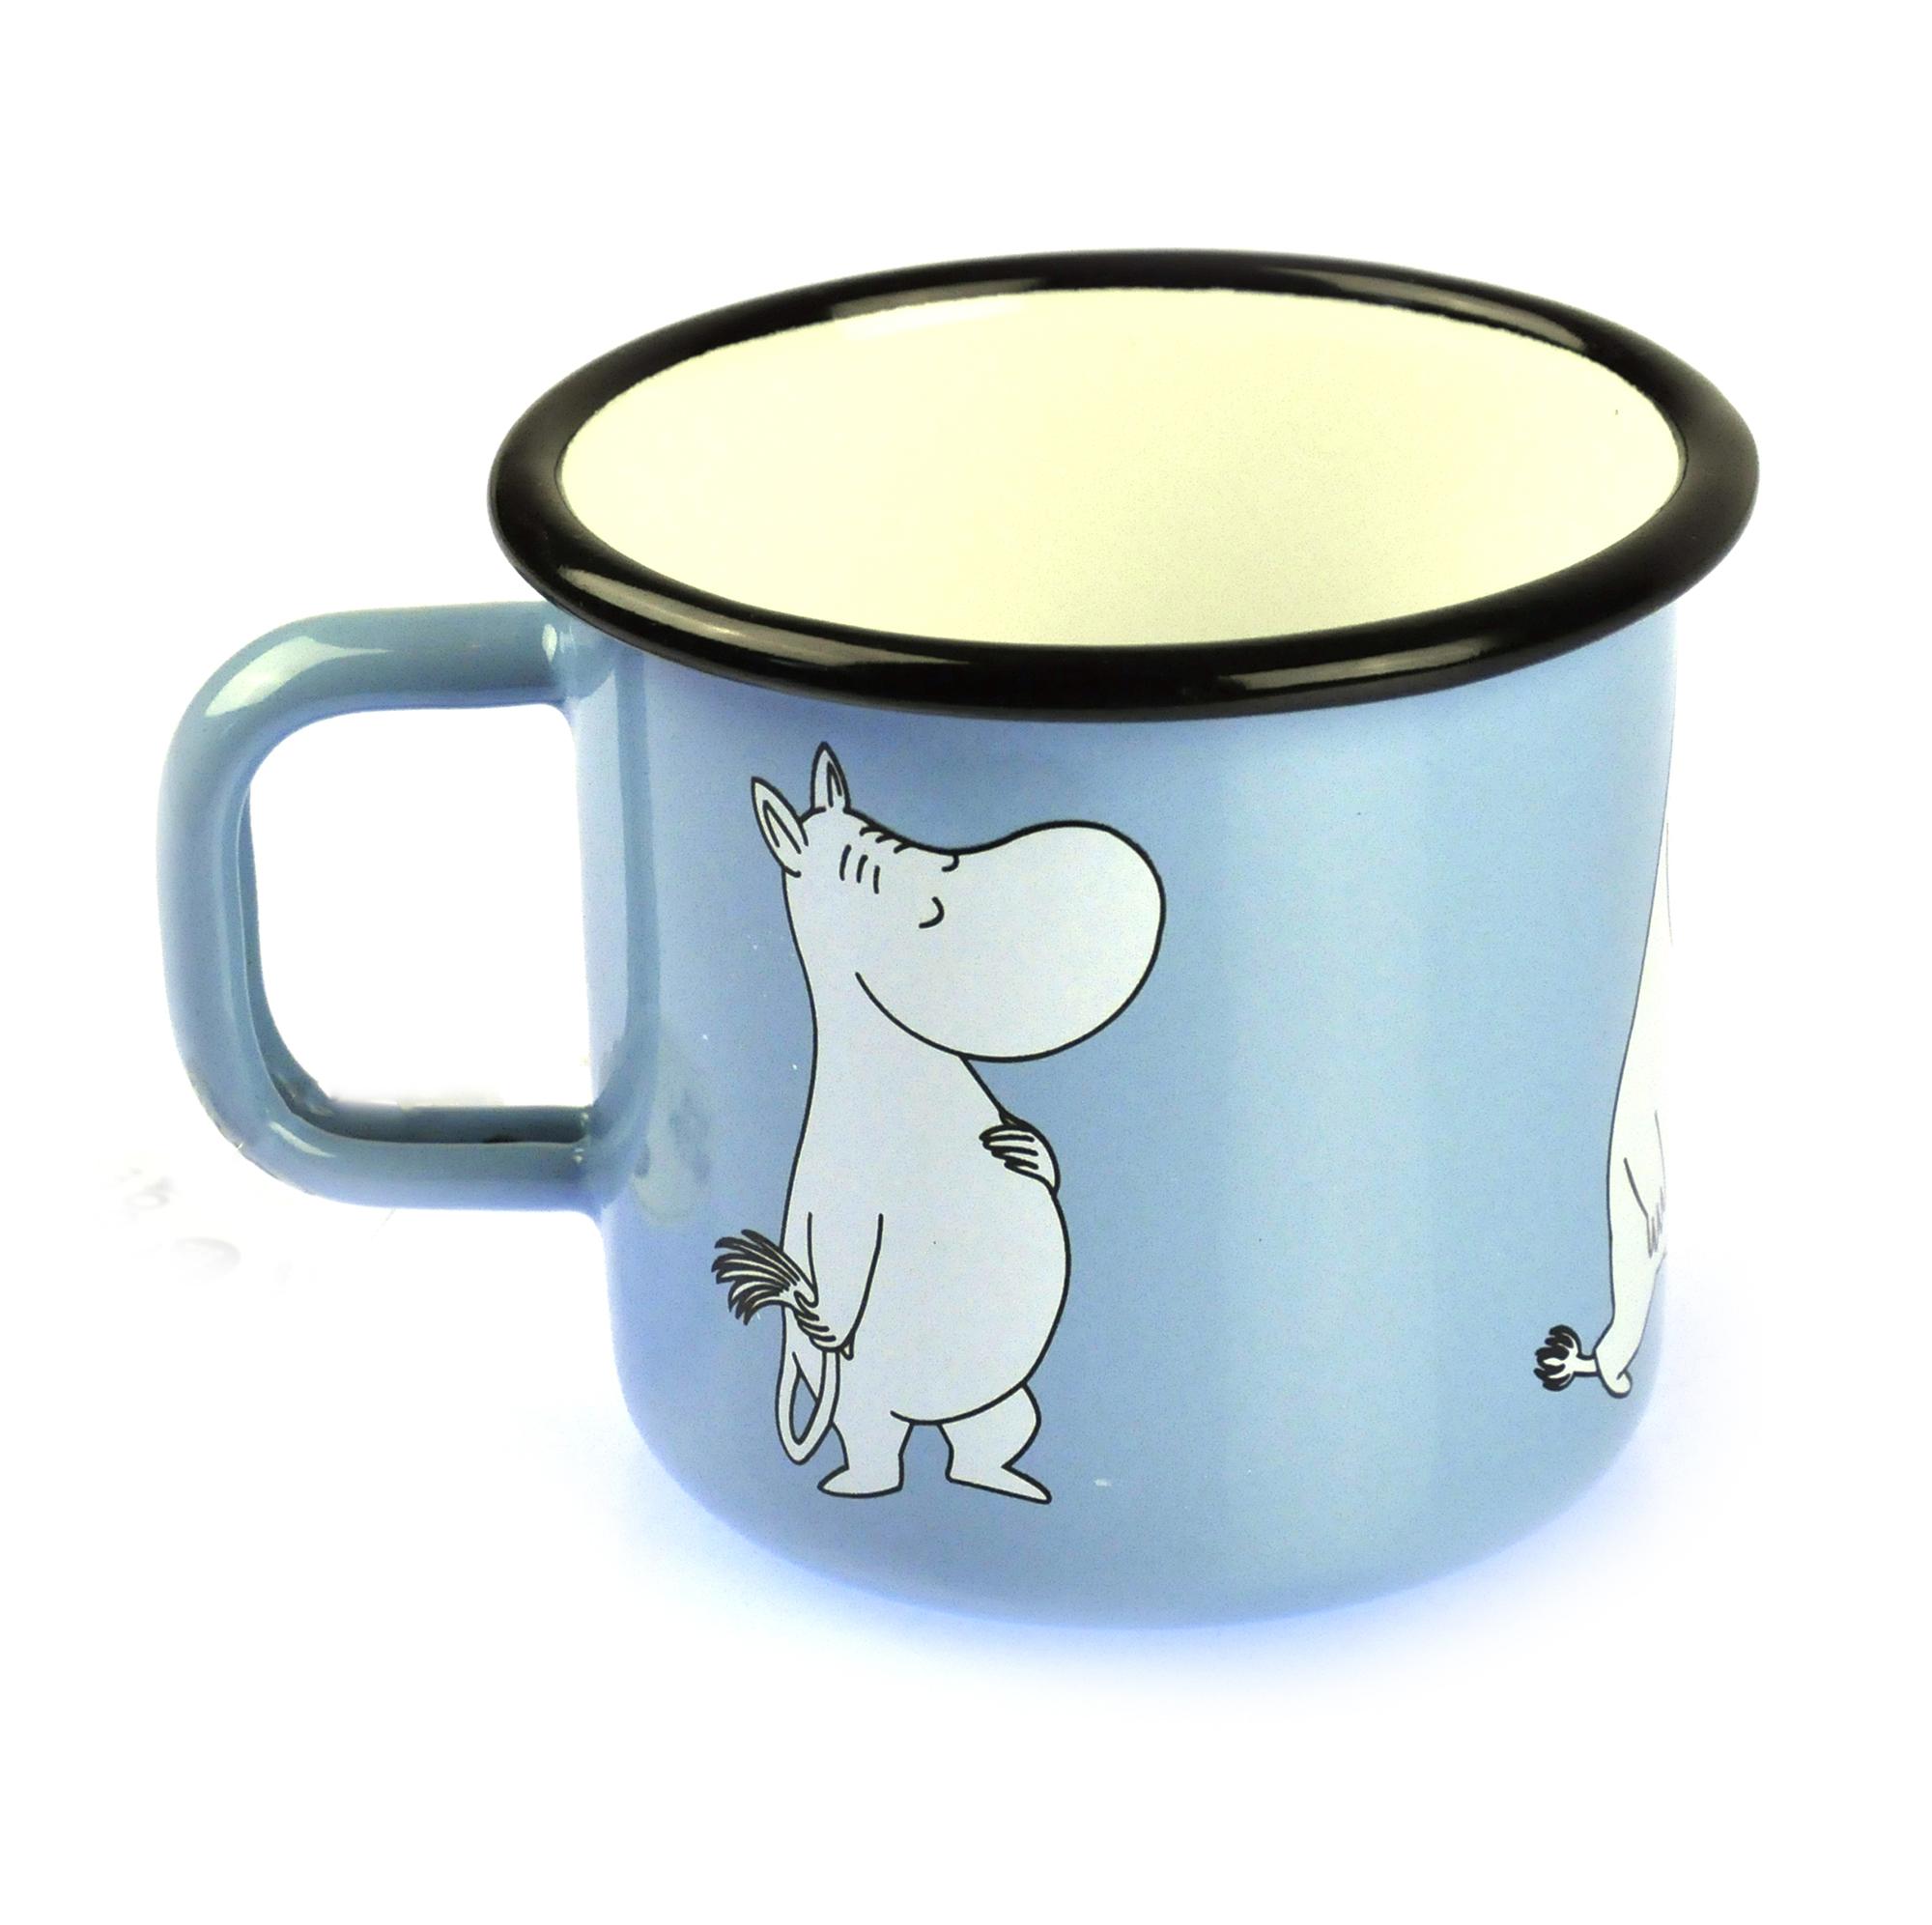 Moomin Muurla Enamel Tumbler Moomintroll on Light Blue